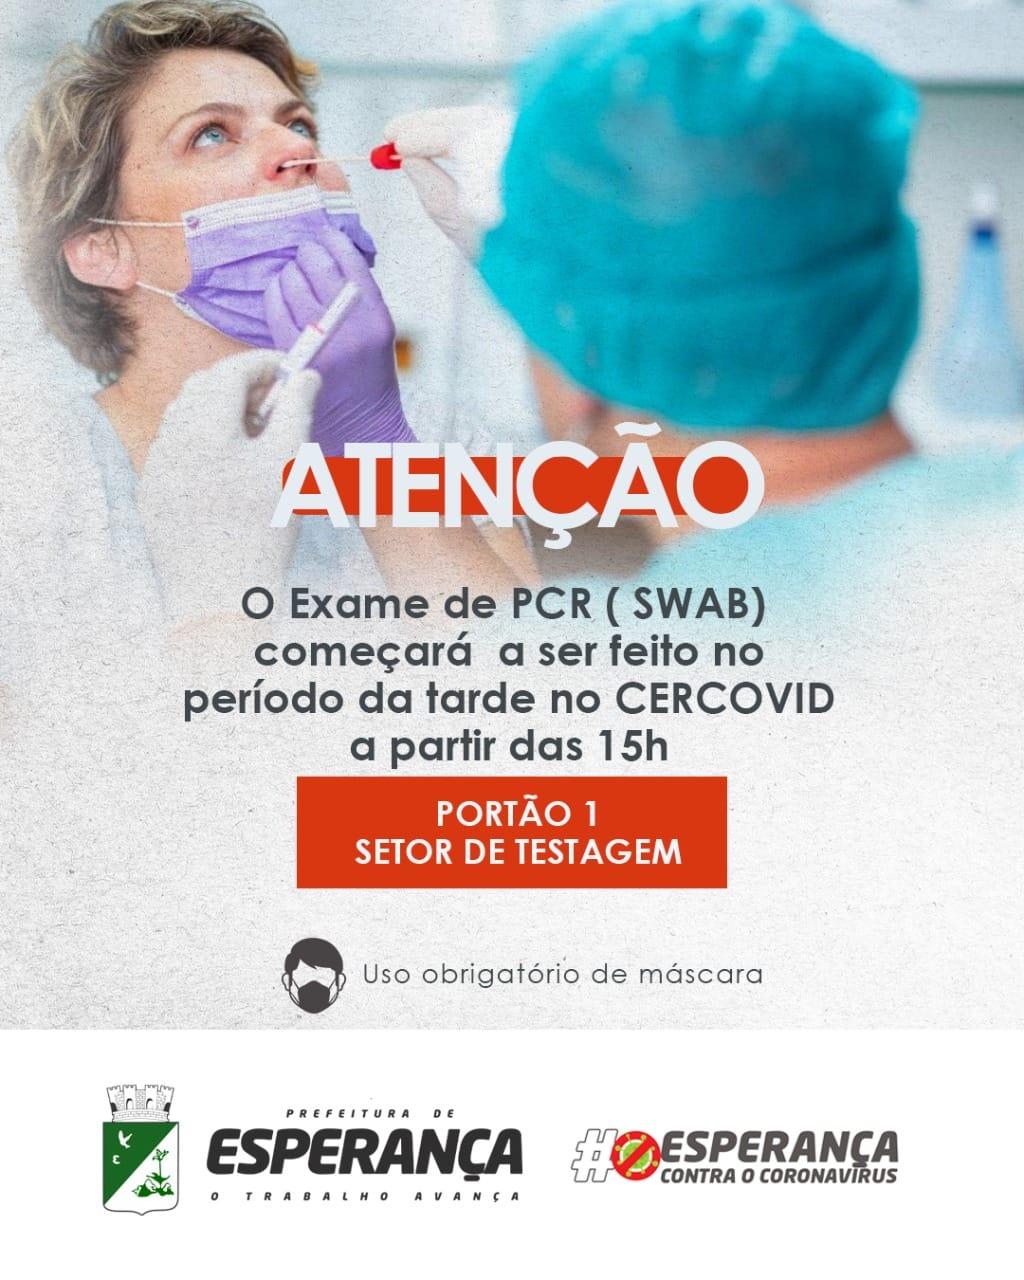 Exames de PCR (SWAB)